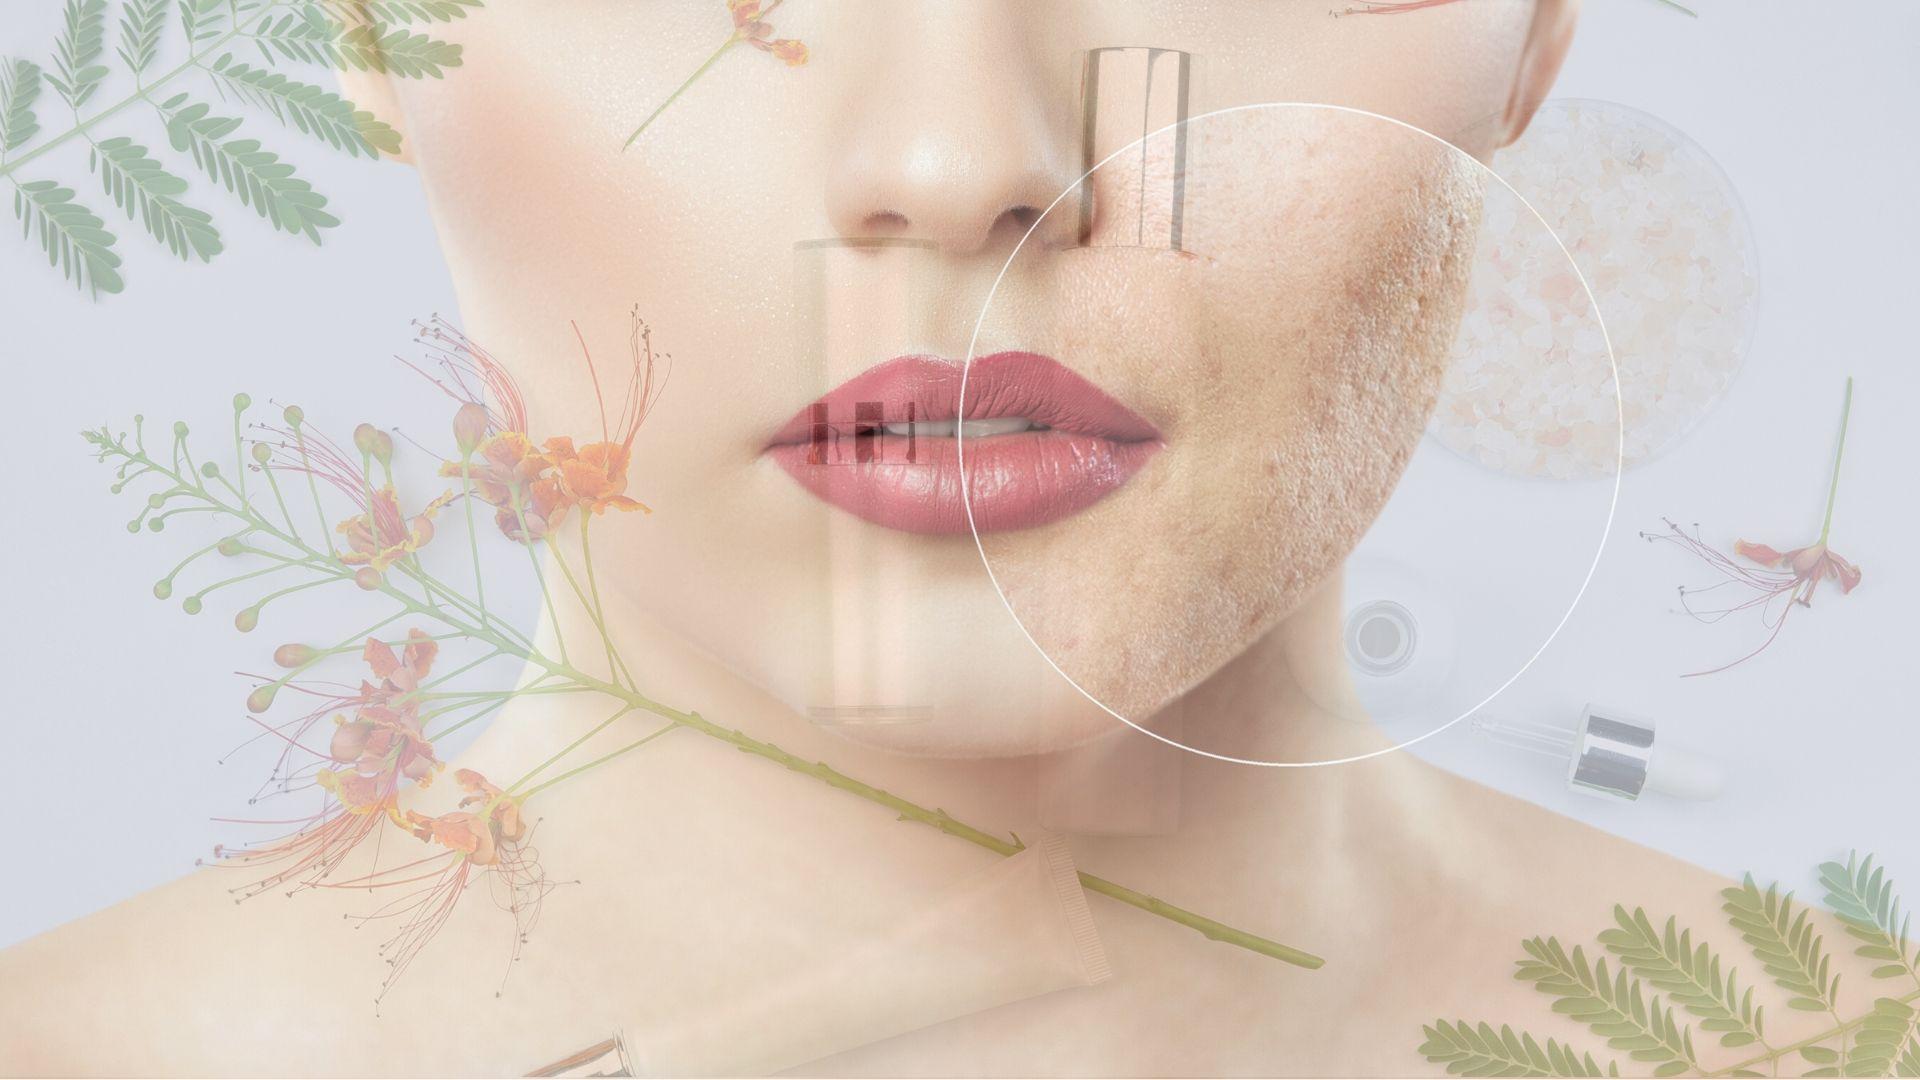 Mythes autour de l'acné